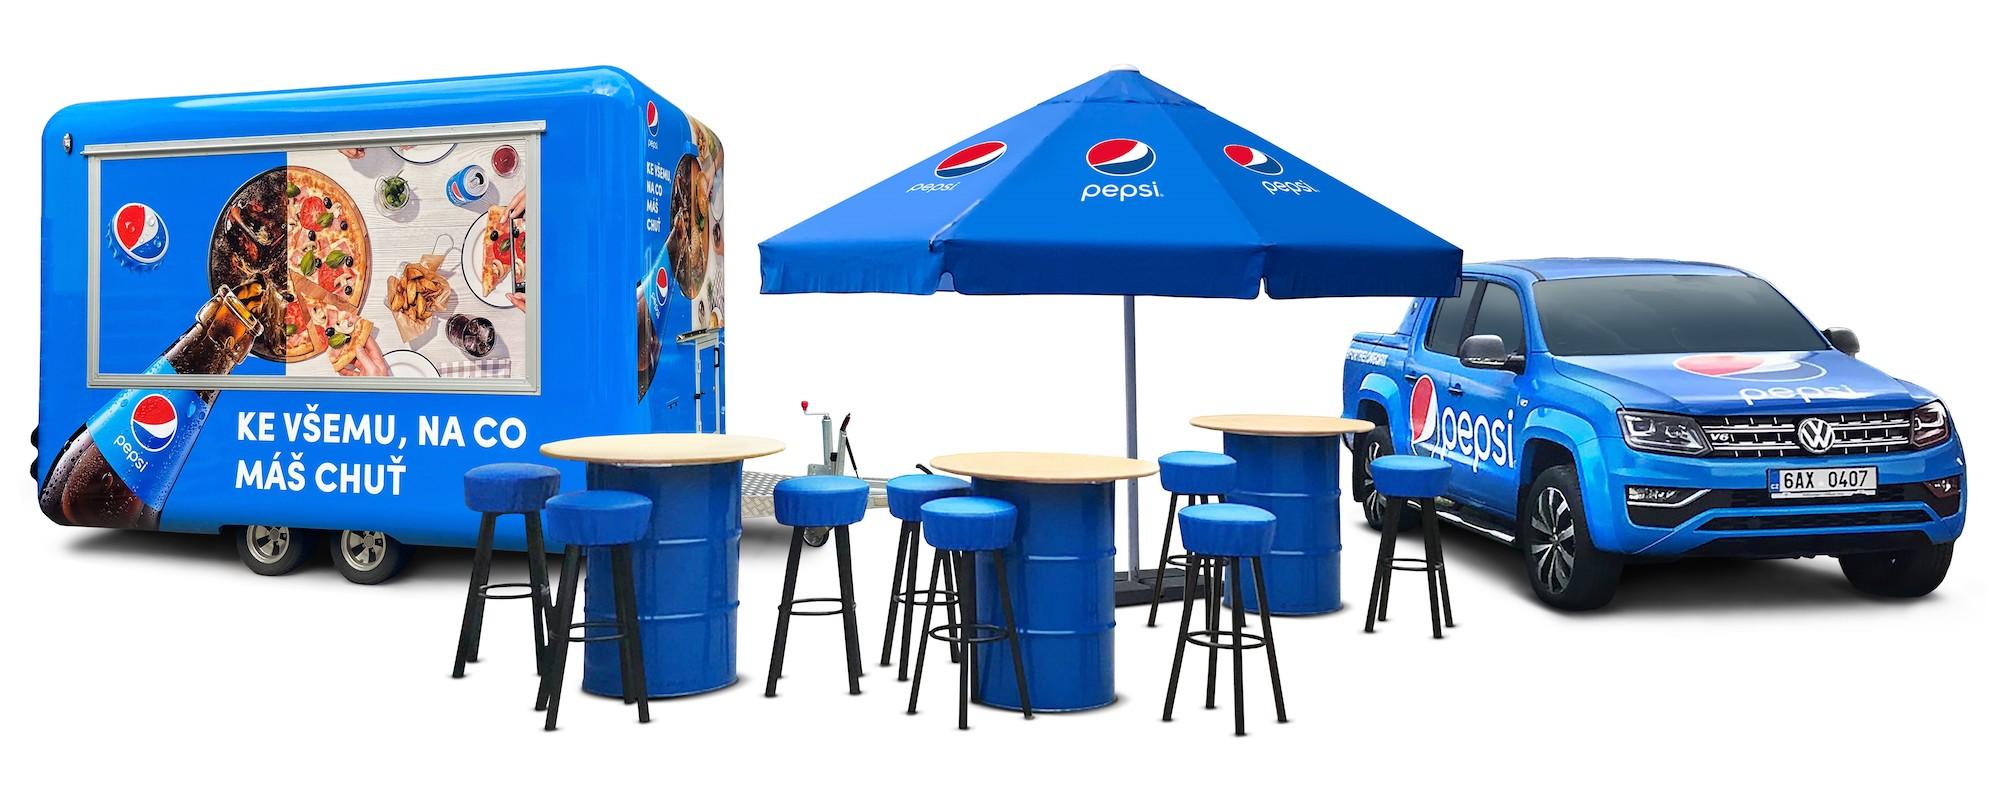 Sada vybavení od Pepsi